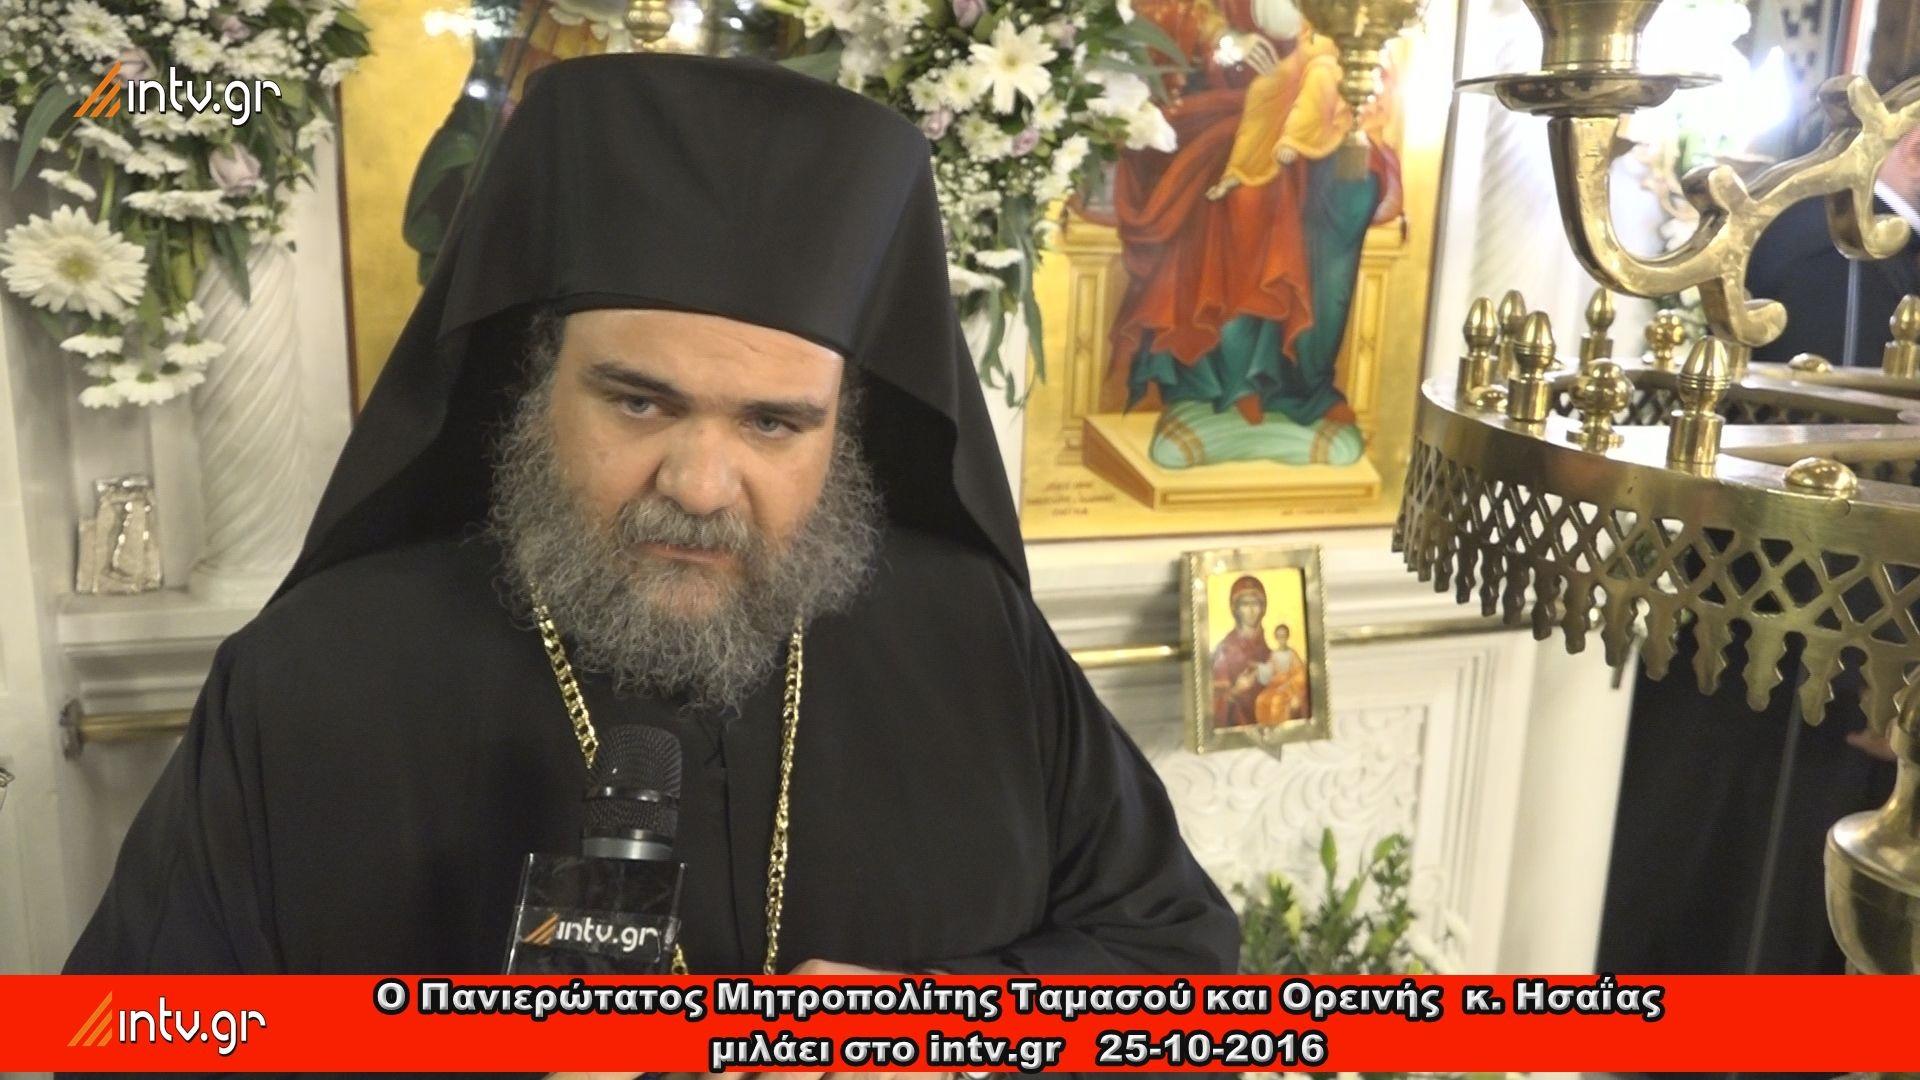 Ο Πανιερώτατος Μητροπολίτης Ταμασού και Ορεινής  κ. Ησαΐας μιλάει στο intv.gr